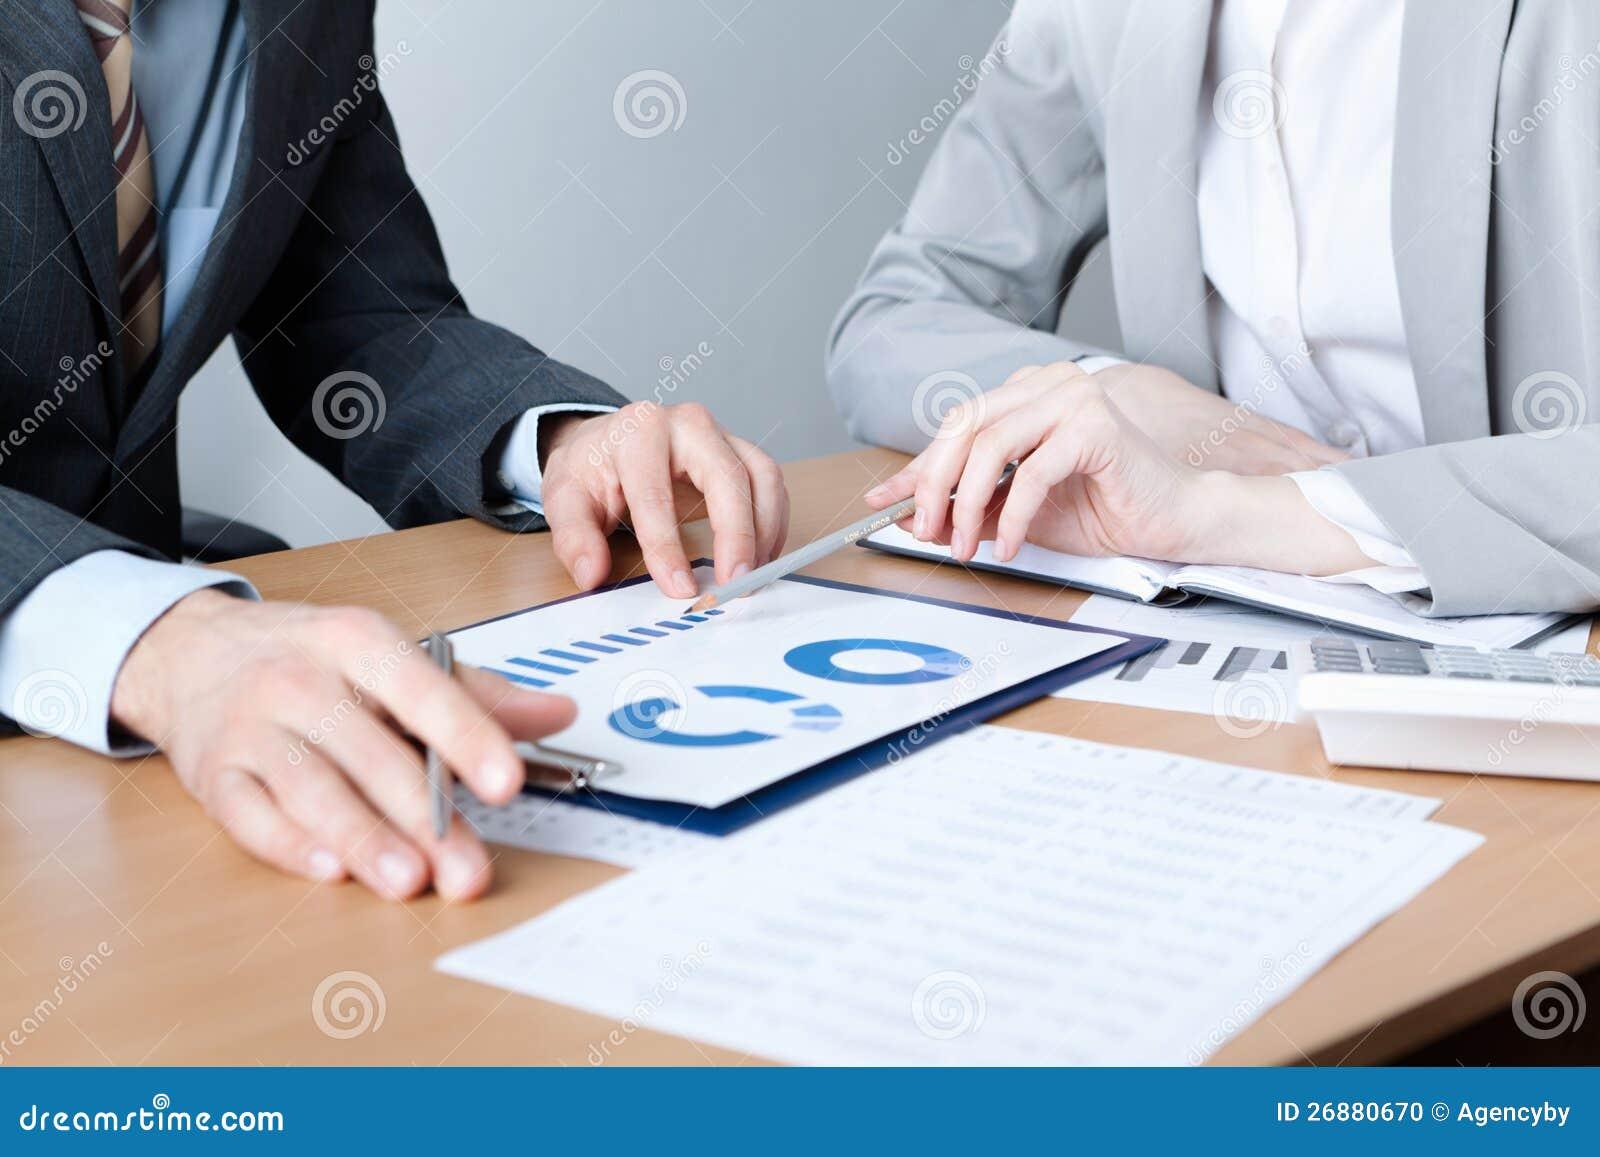 Dois executivos discutem alvos da reunião